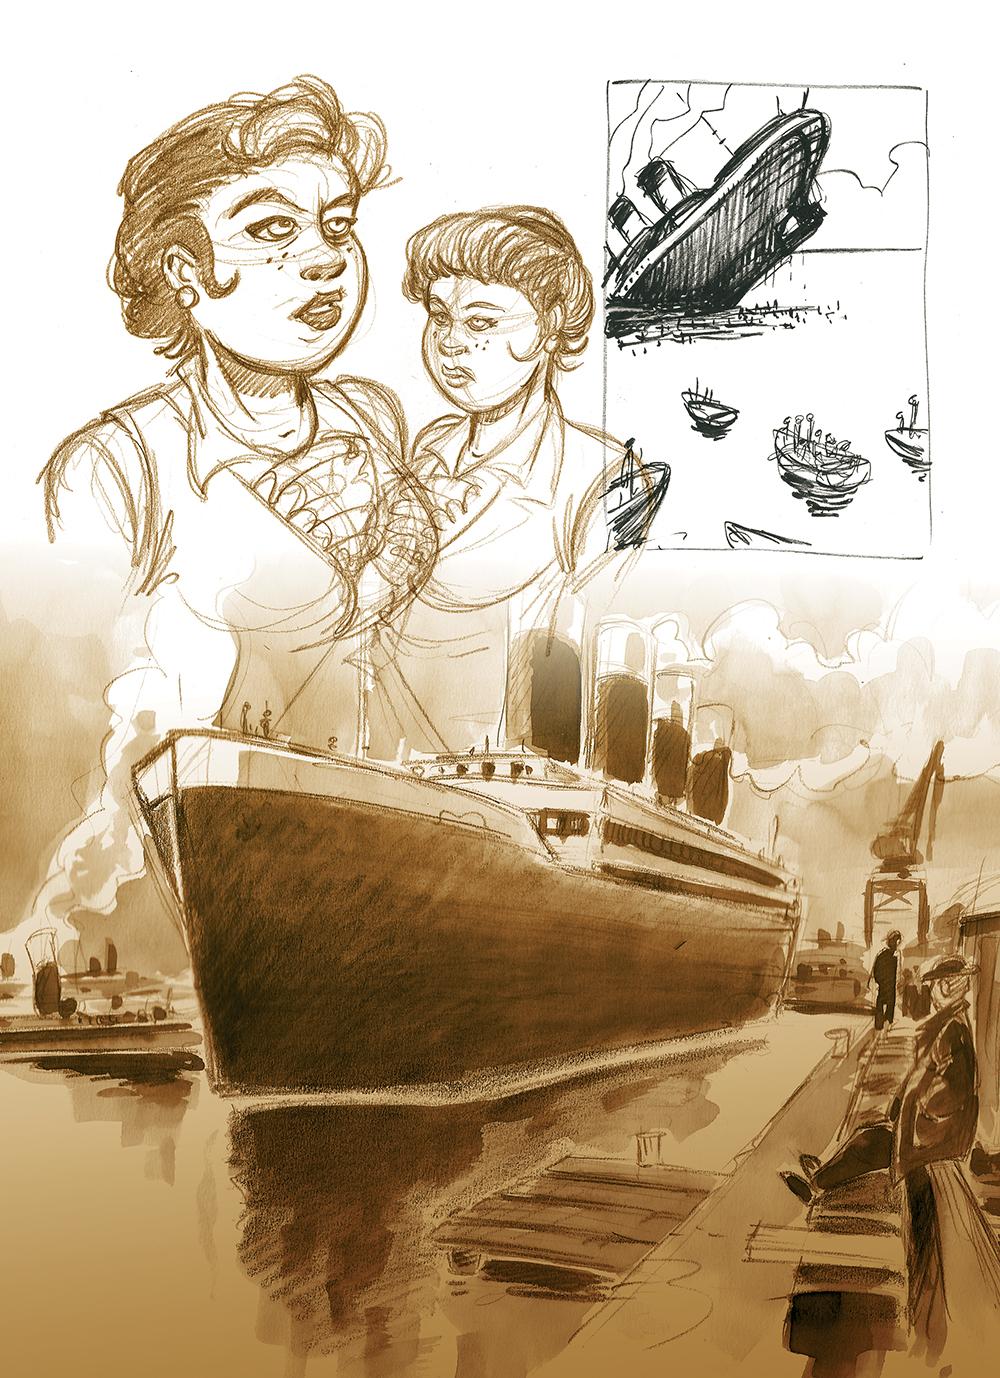 Halifax, mon chagrin, extrait du cahier graphique de l'album © Feles / Regnauld / Quella-Guyot